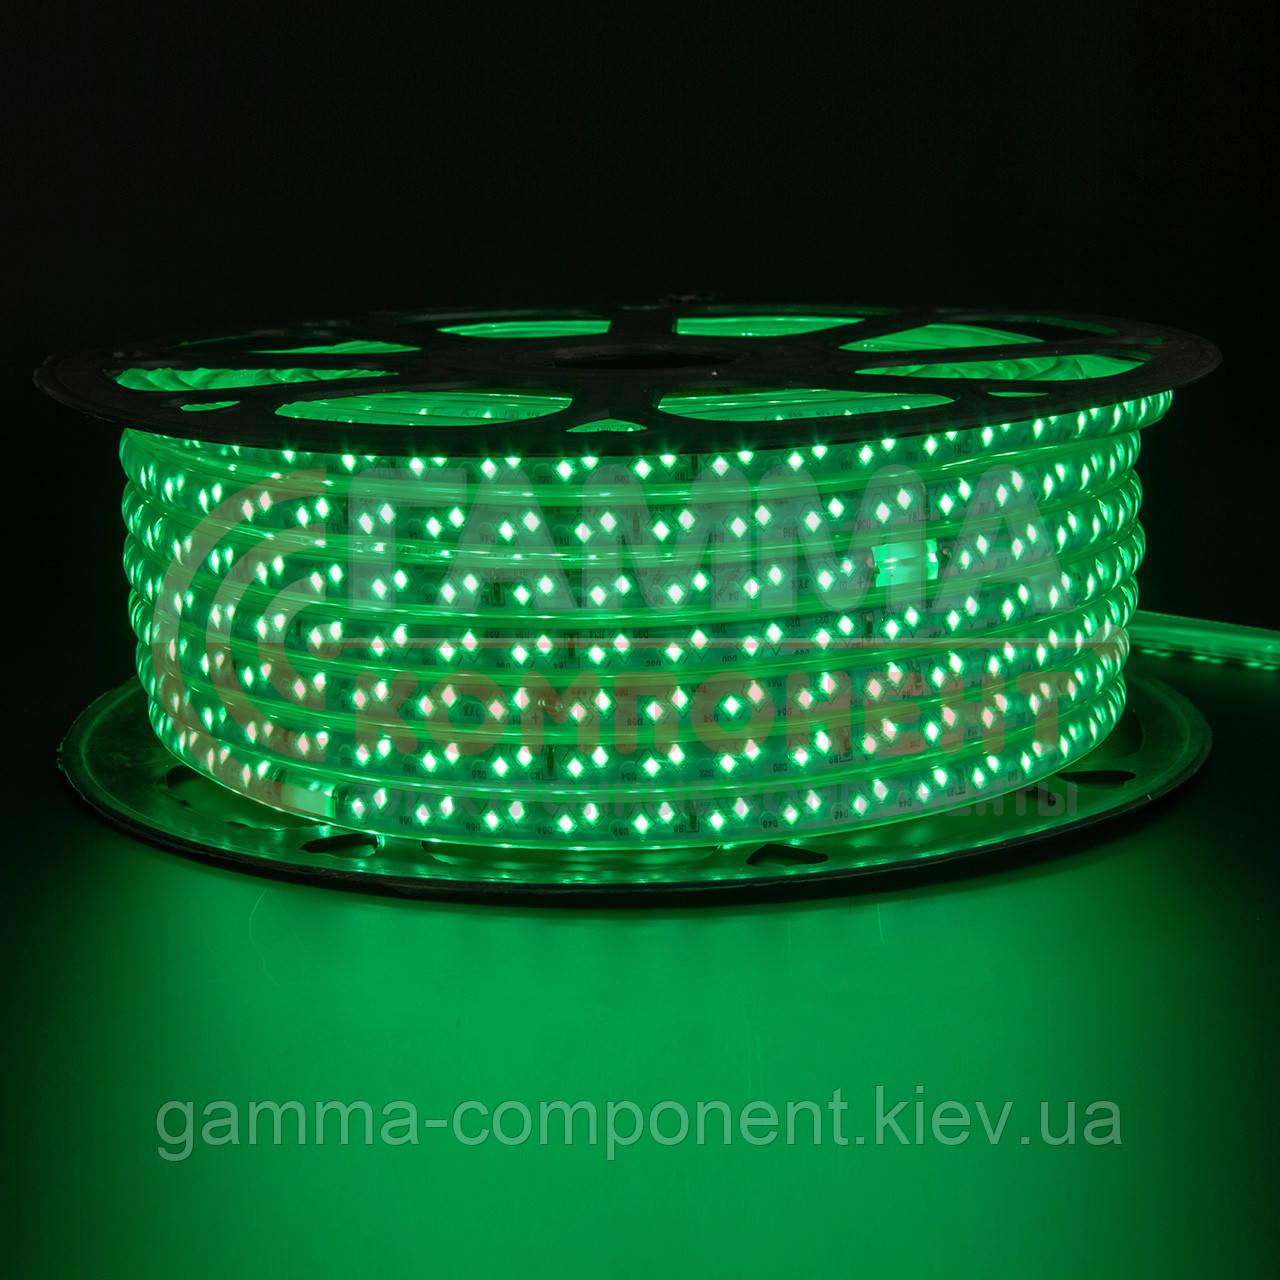 Светодиодная лента 220В зеленая smd 2835-120 лед/м 12Вт/м, герметичная. Бухта 50 метров.